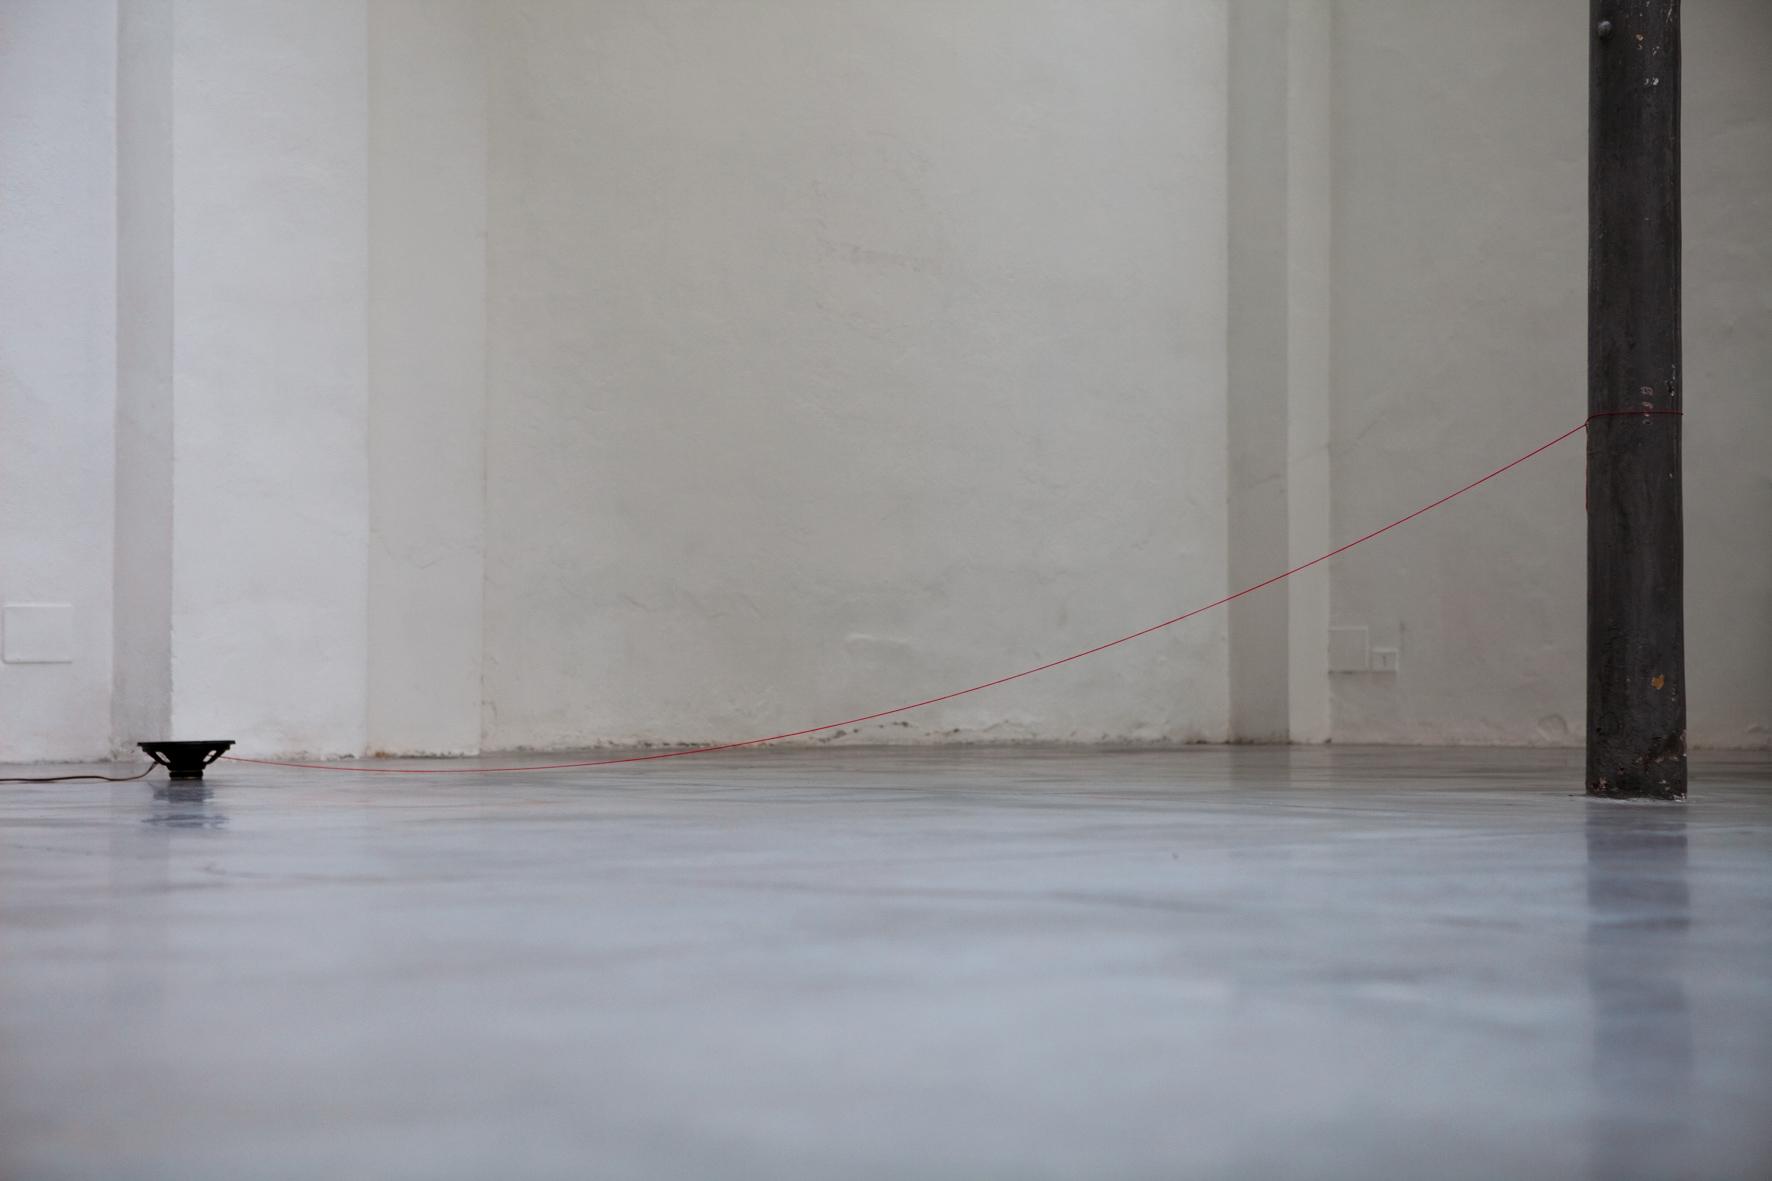 Paolo Inverni, 'Ballata per Vera' [photo Yusuke Nishimura]